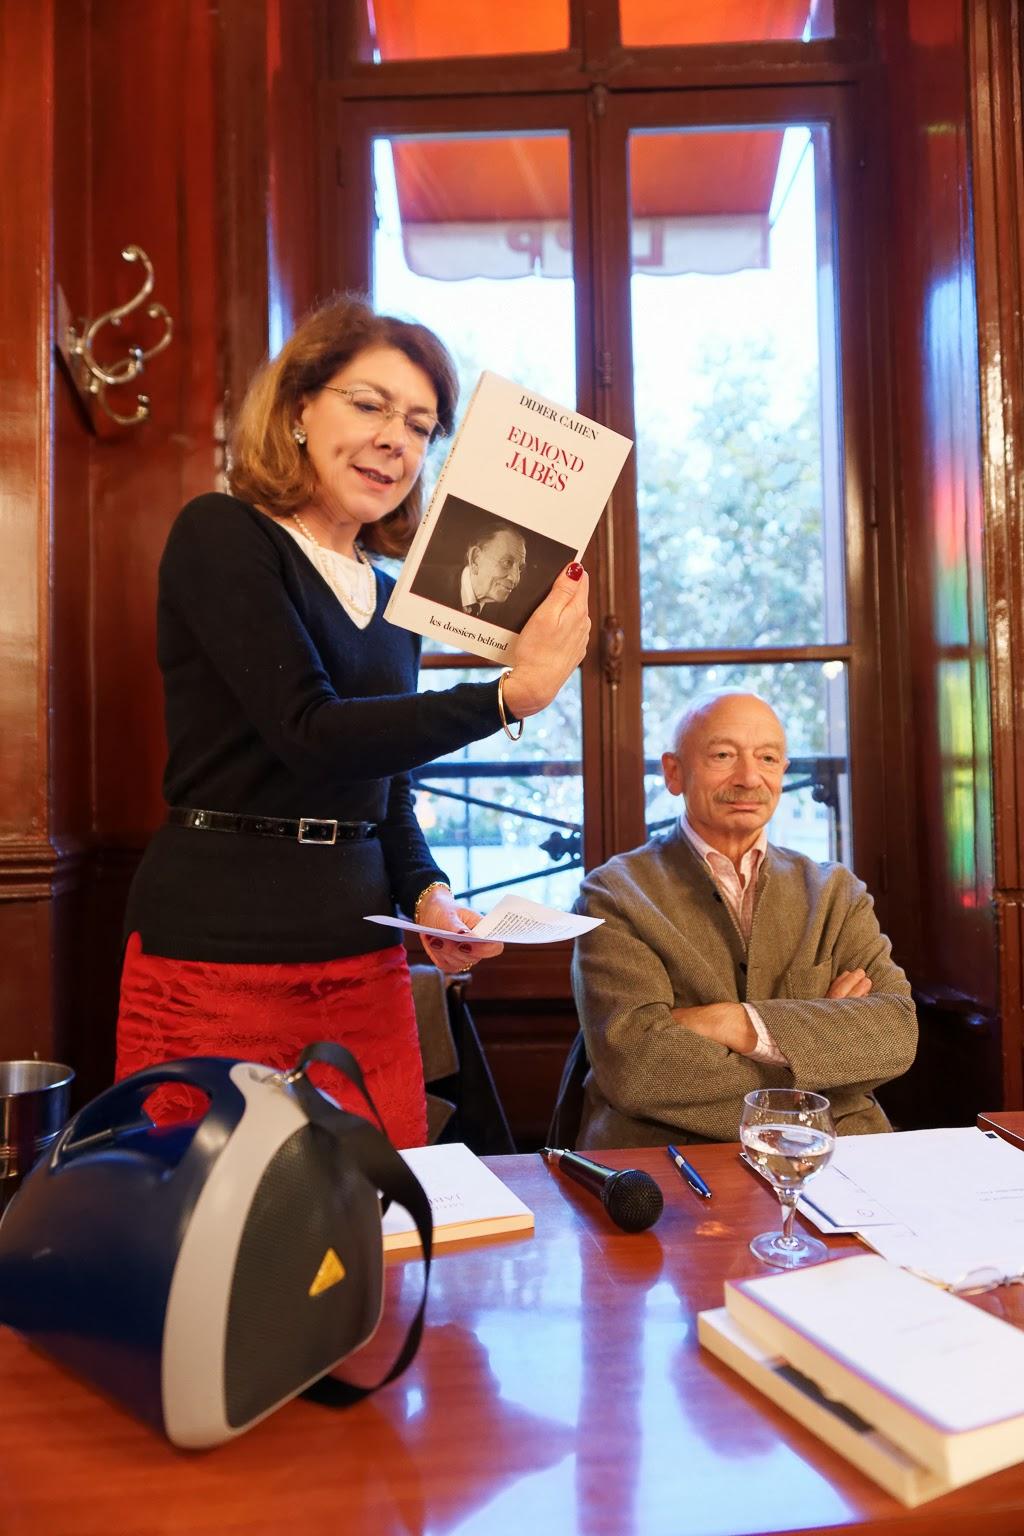 Béatrice Marchale, Présidente du Cercle, Didier Cahen Photographie © Muriel Bergasa